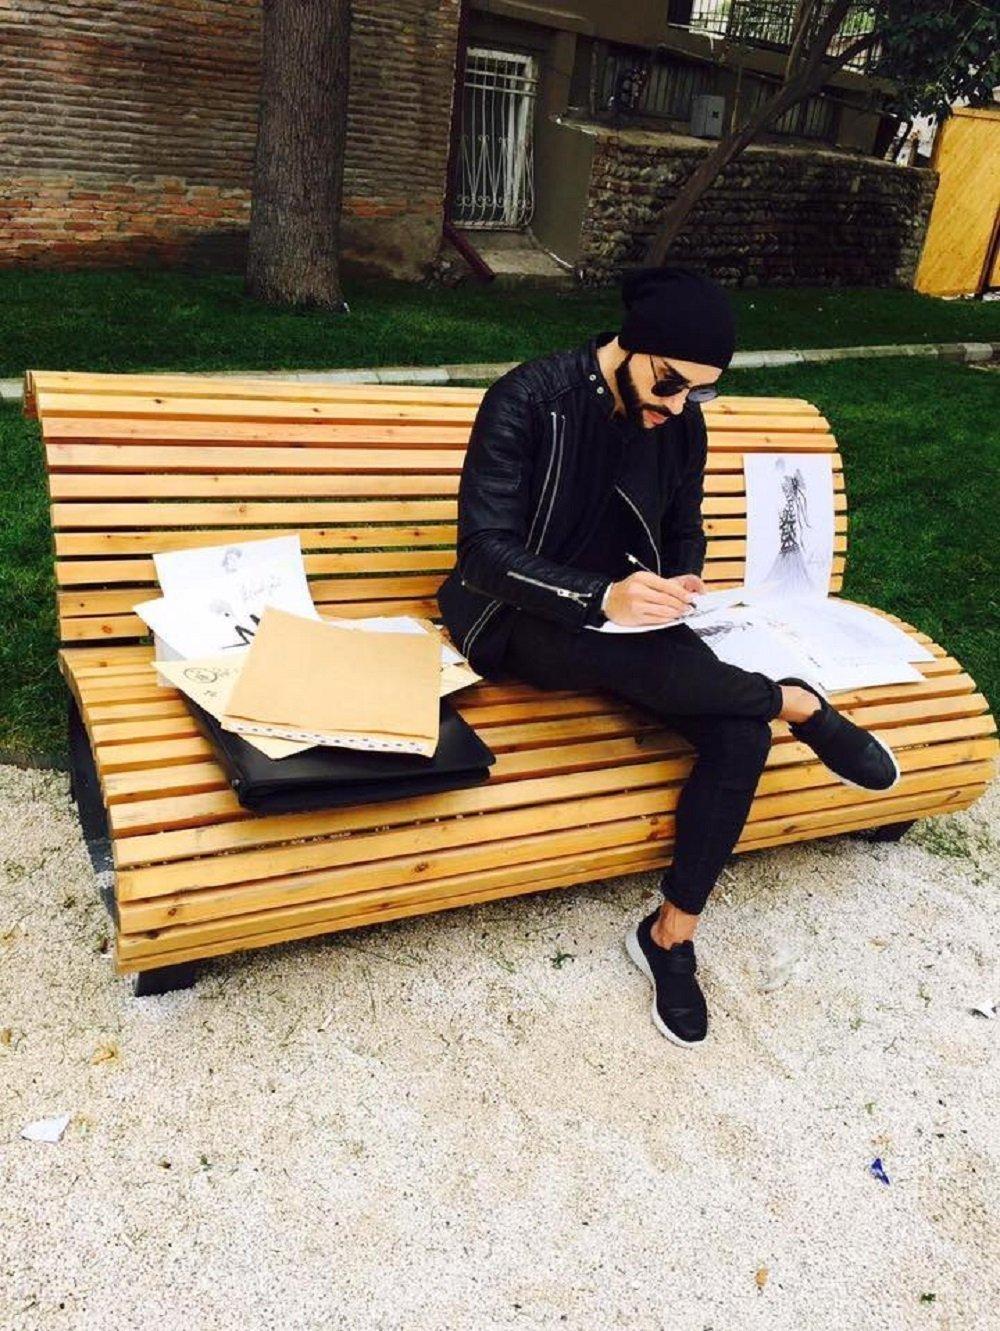 მომღერალი მარკუს მეტრეველი პირველ სამოდელო კოლექციას ამზადებს